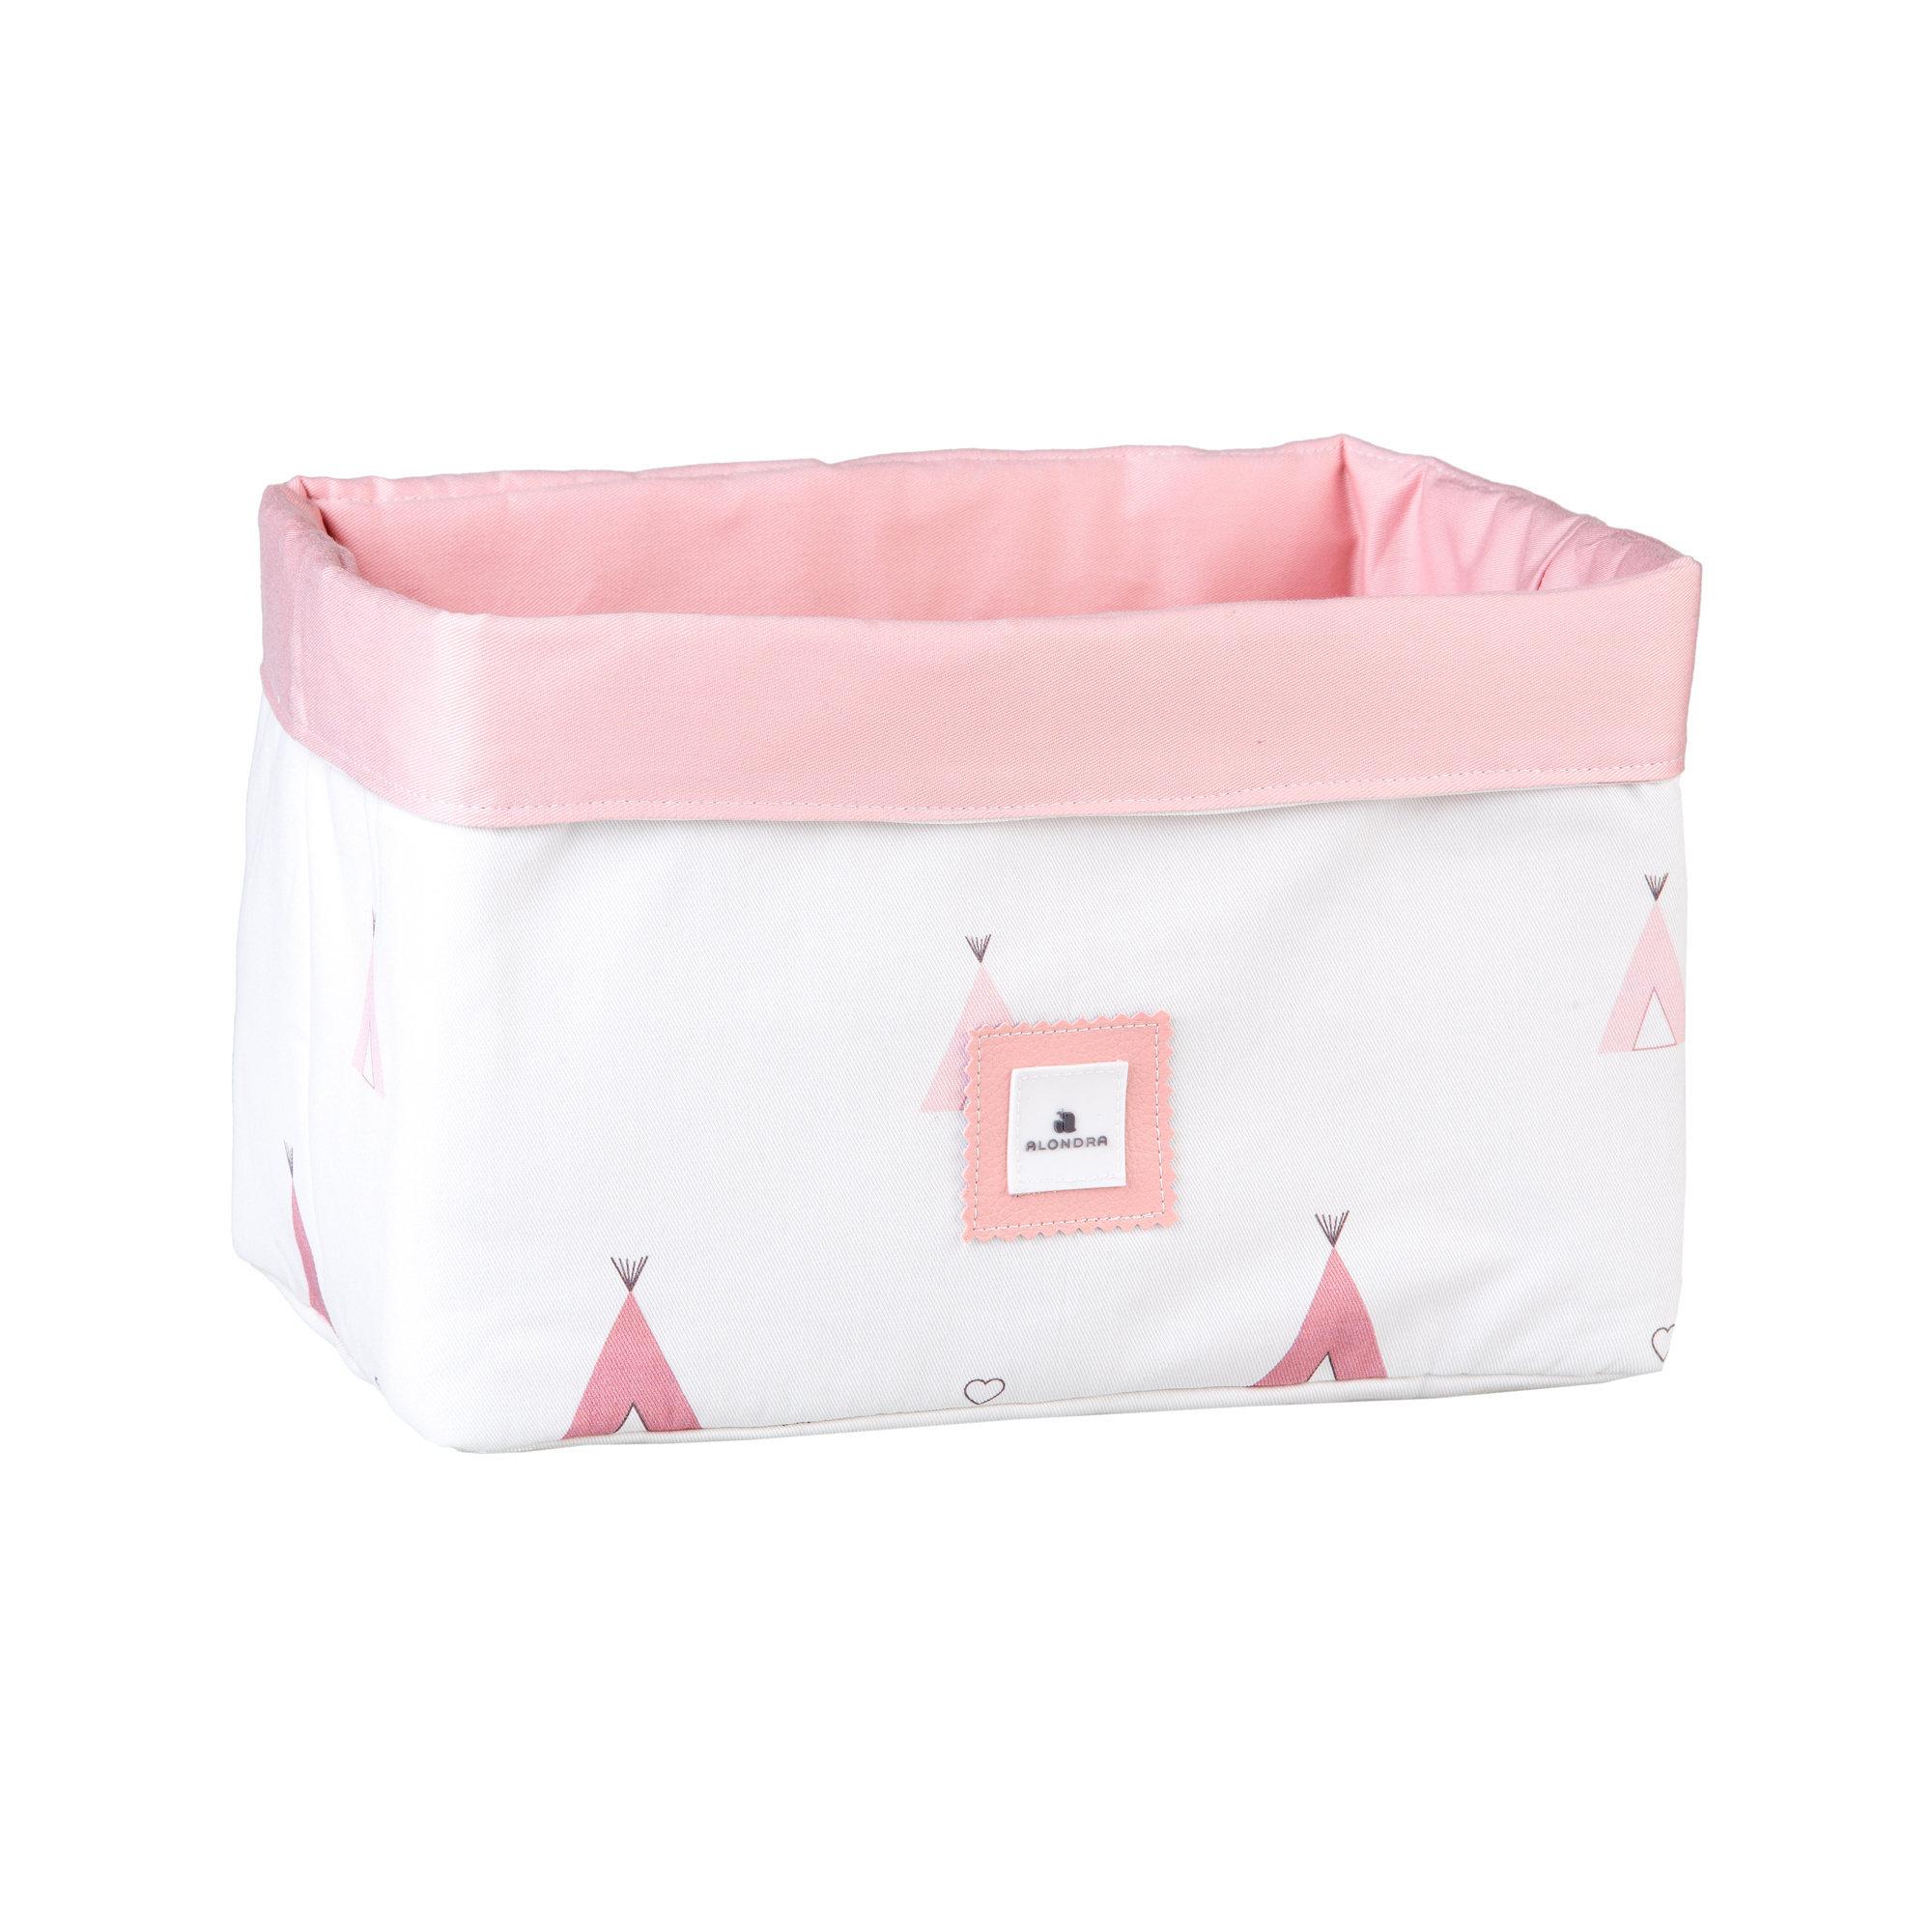 Cesta almacenaje de colonias para bebé rosa y blanco